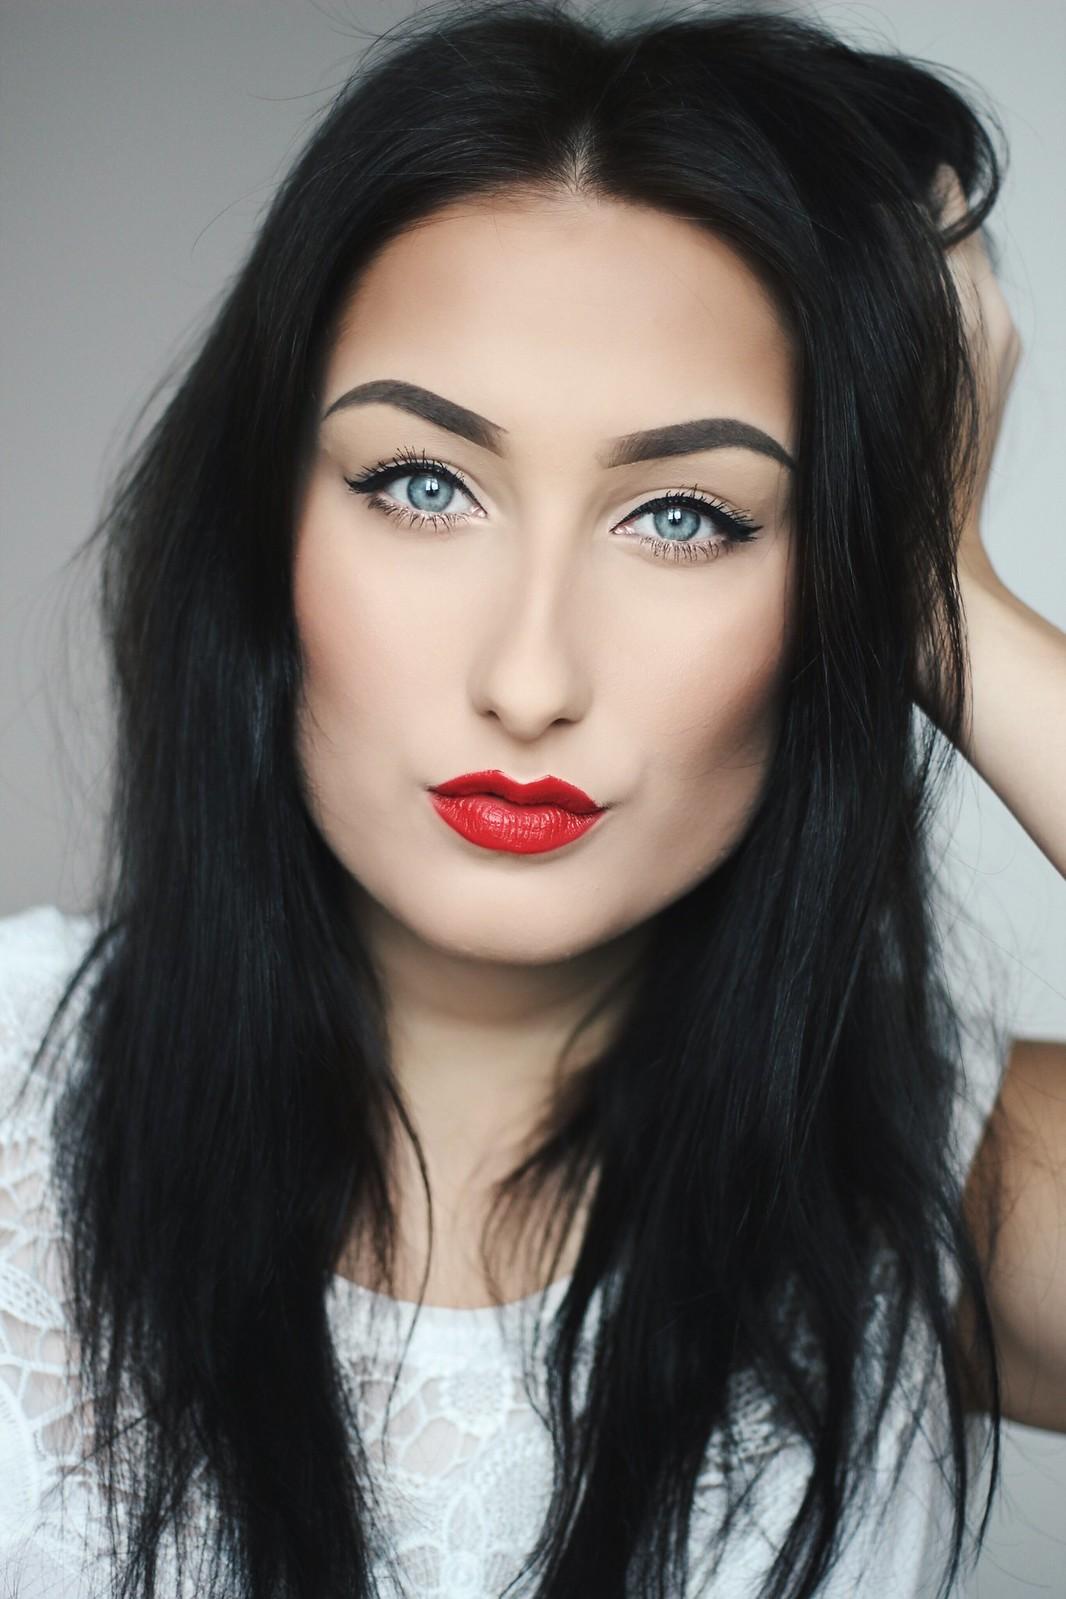 Makeup mit roten Lippen - Schneewittchen Look